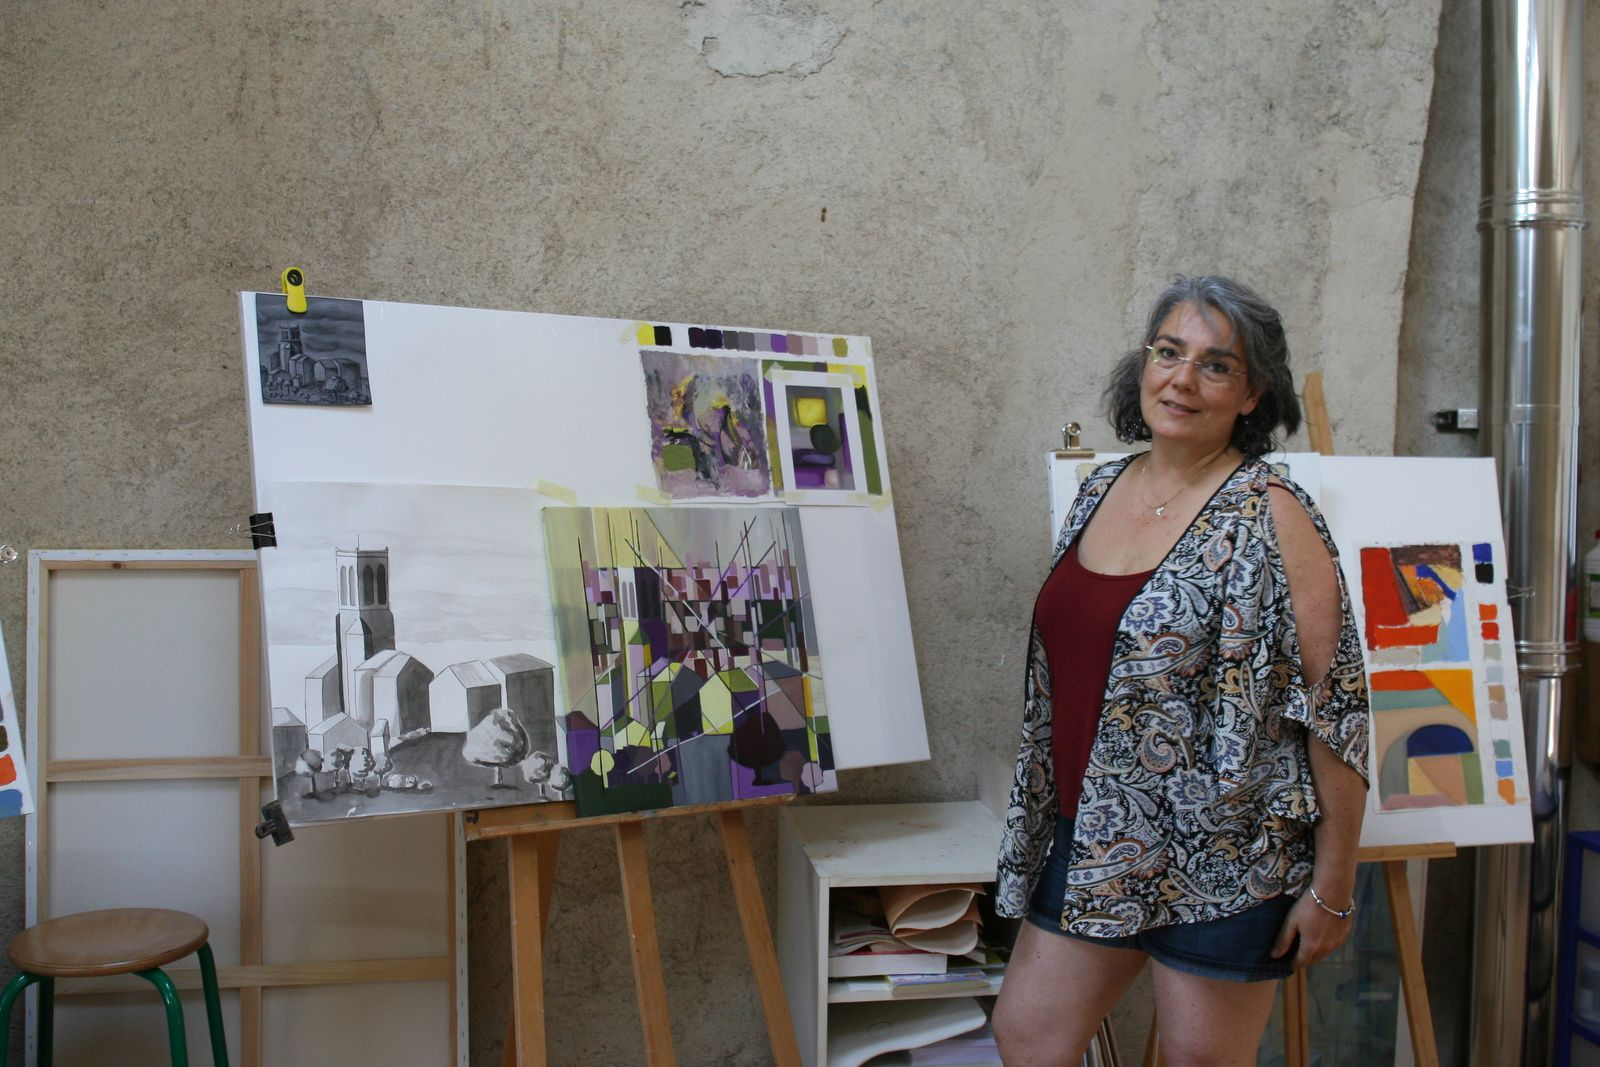 L'exposition de fin stage et la présentation du travail de la semaine aux visiteurs.